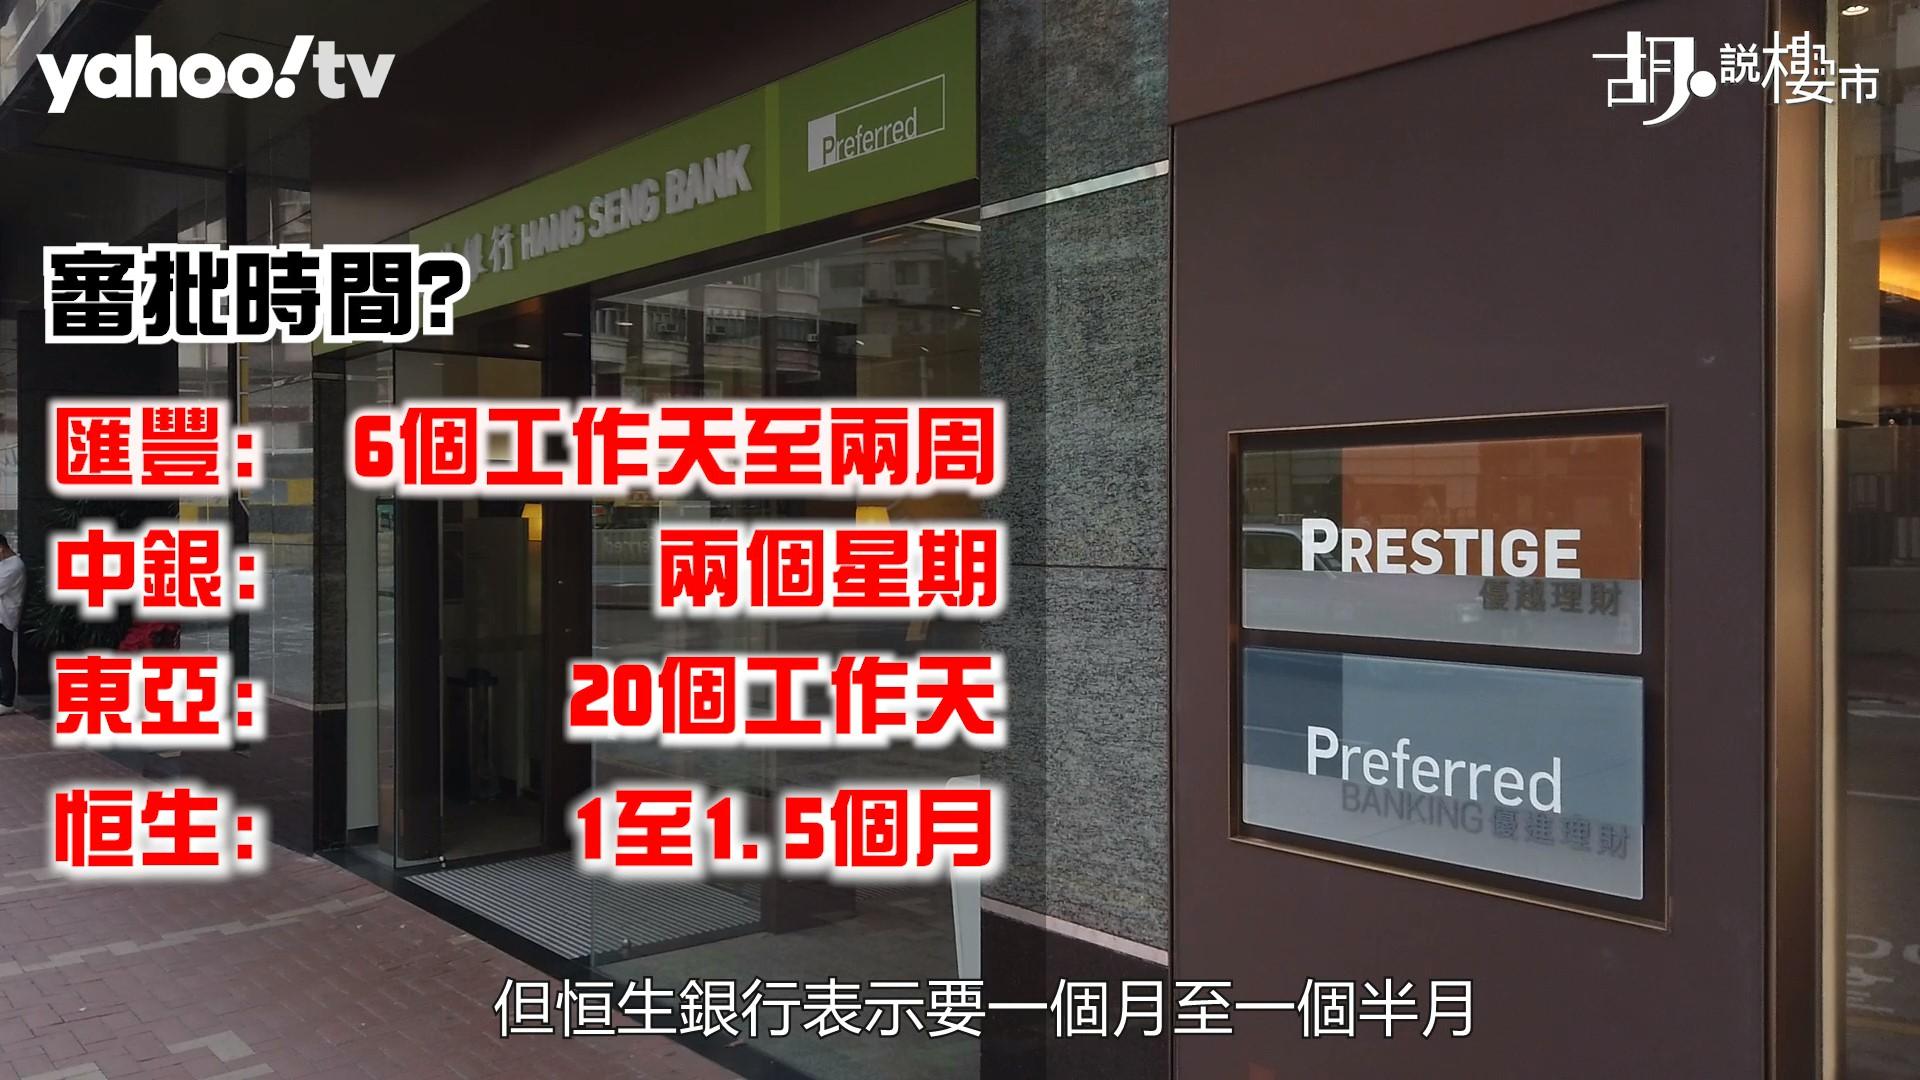 【胡.說樓市】經濟好大鑊?打電話問清楚銀行按揭情況!